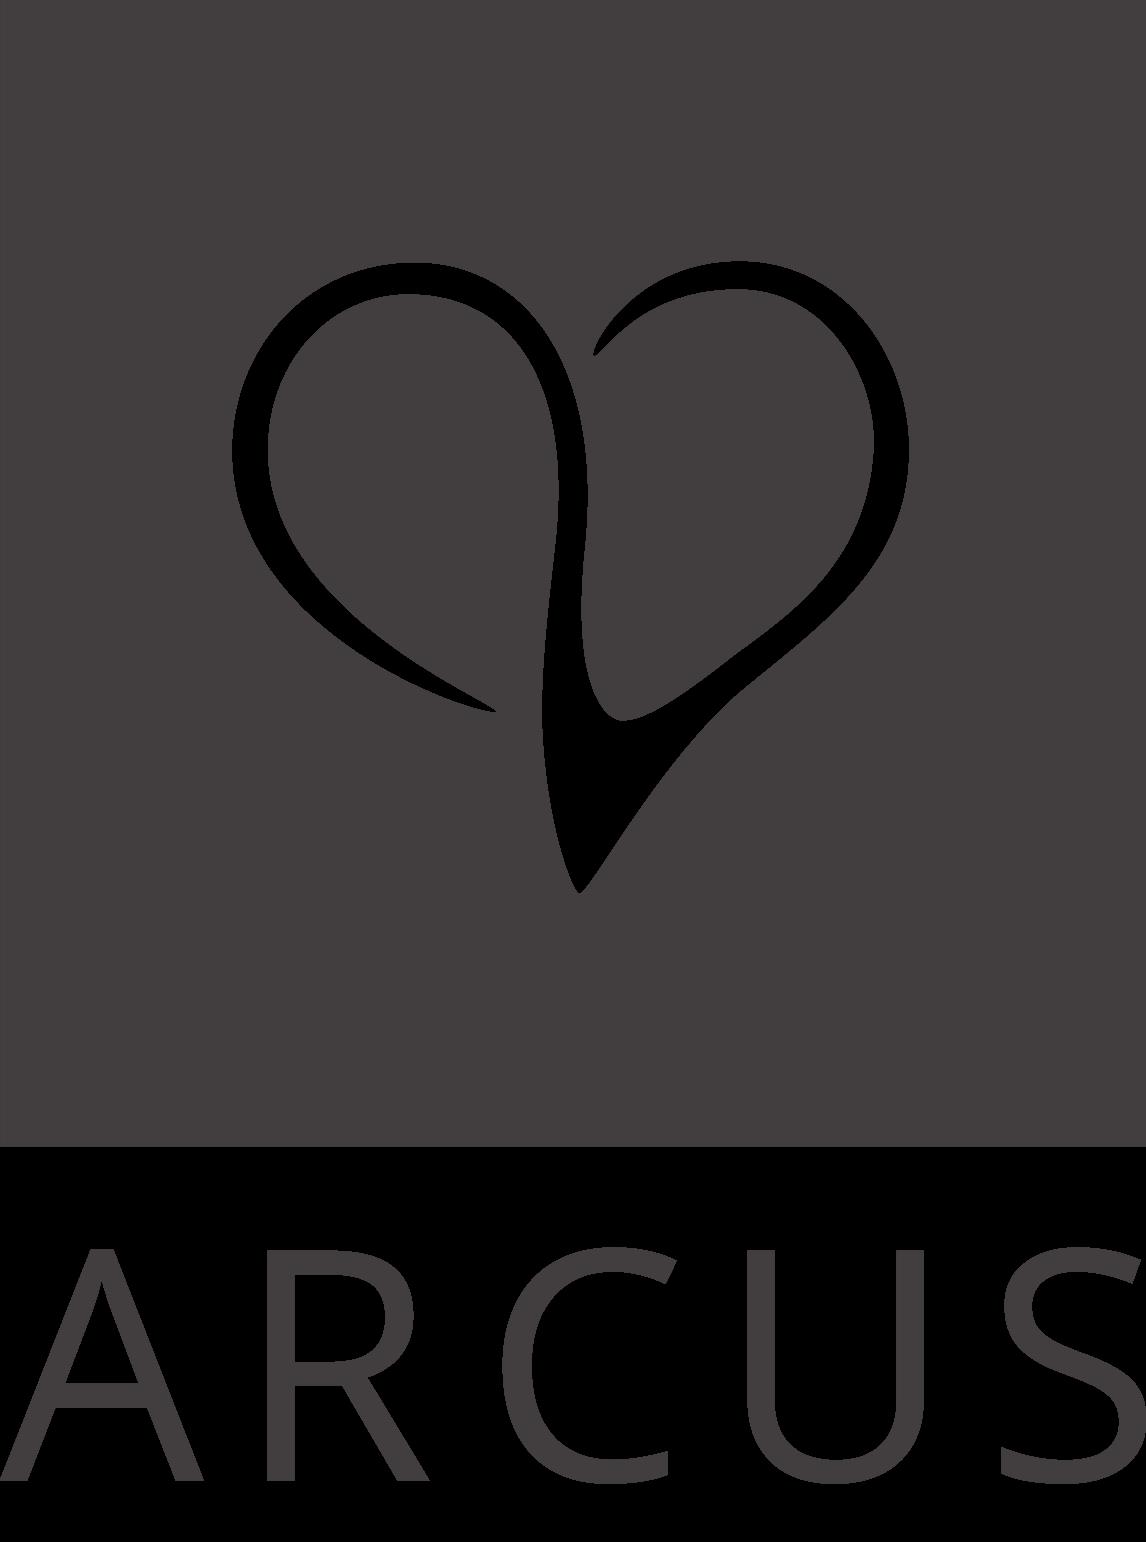 Arcus.png Arcus Vertical Logo Download - Arcuss Logo PNG